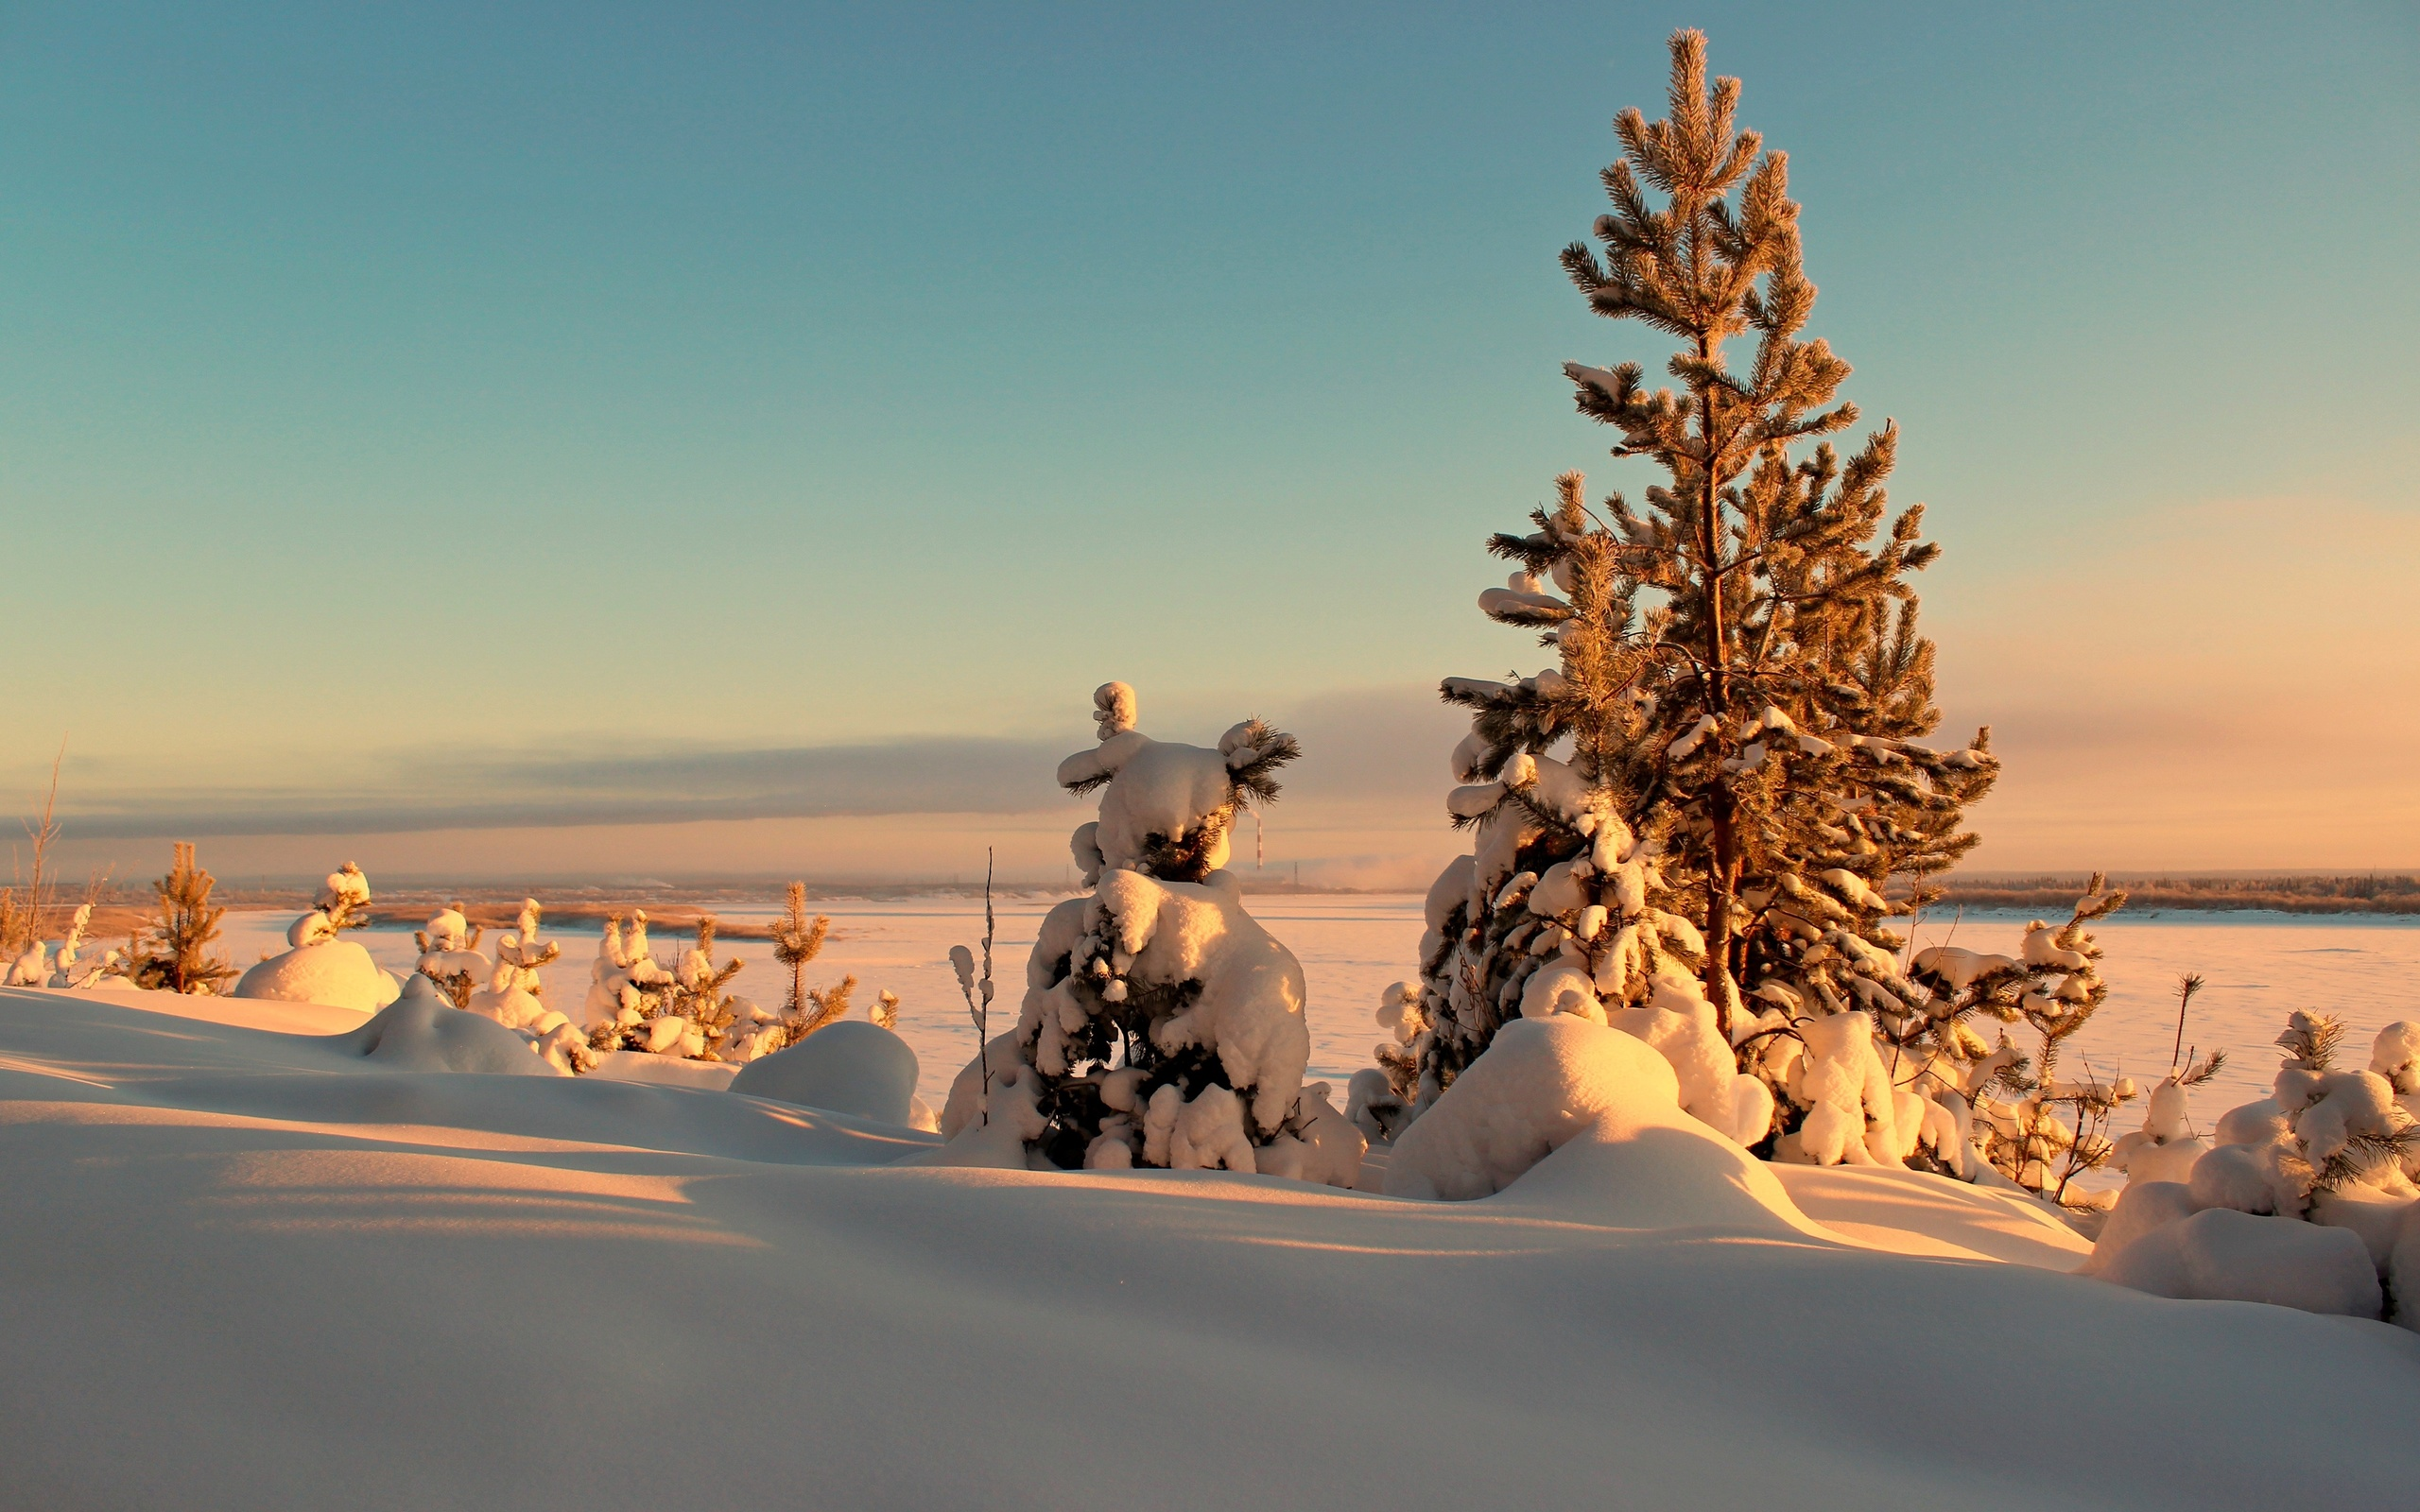 зима, природа, солнце, снег, деревья, пейзаж, закат, ели, сугробы